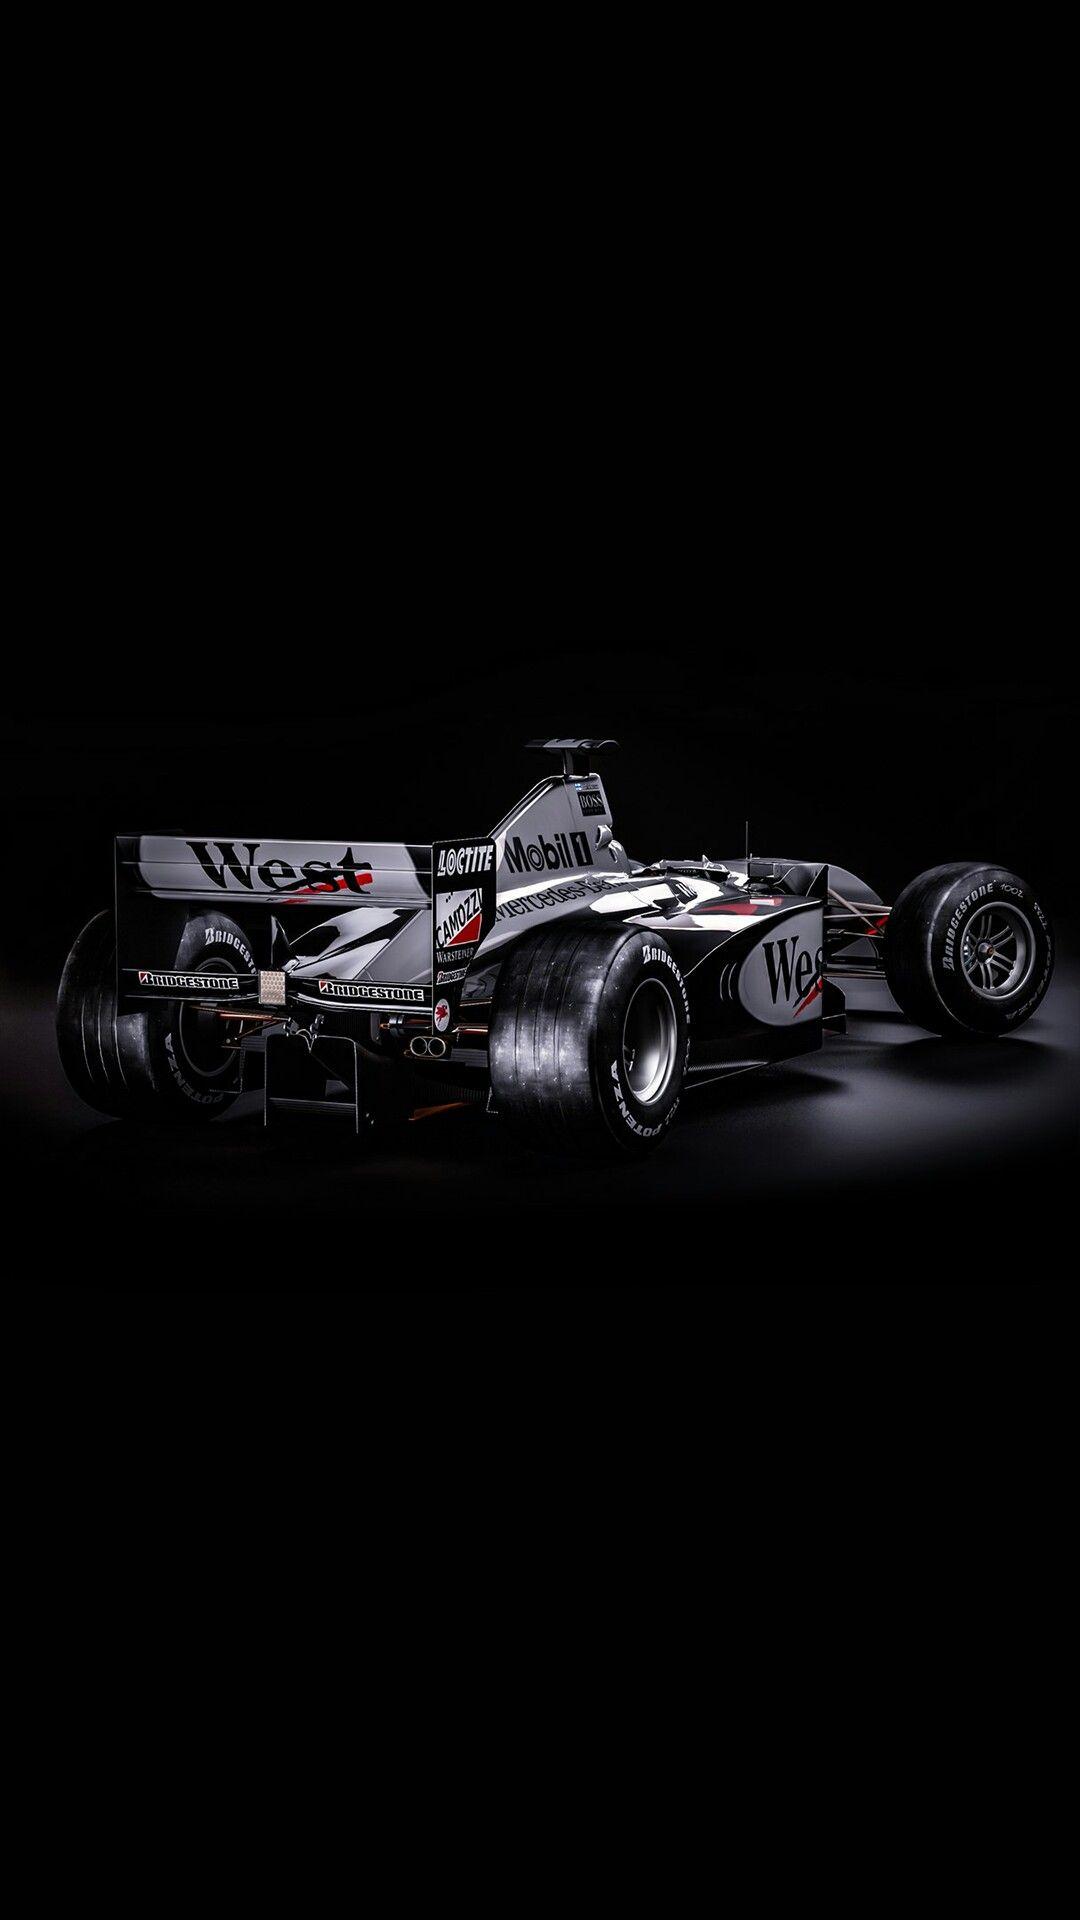 Pin De Oleg Poplauhin En Vehicle Pictures Coches De Carreras F1 Wallpaper Hd Carros Y Motos